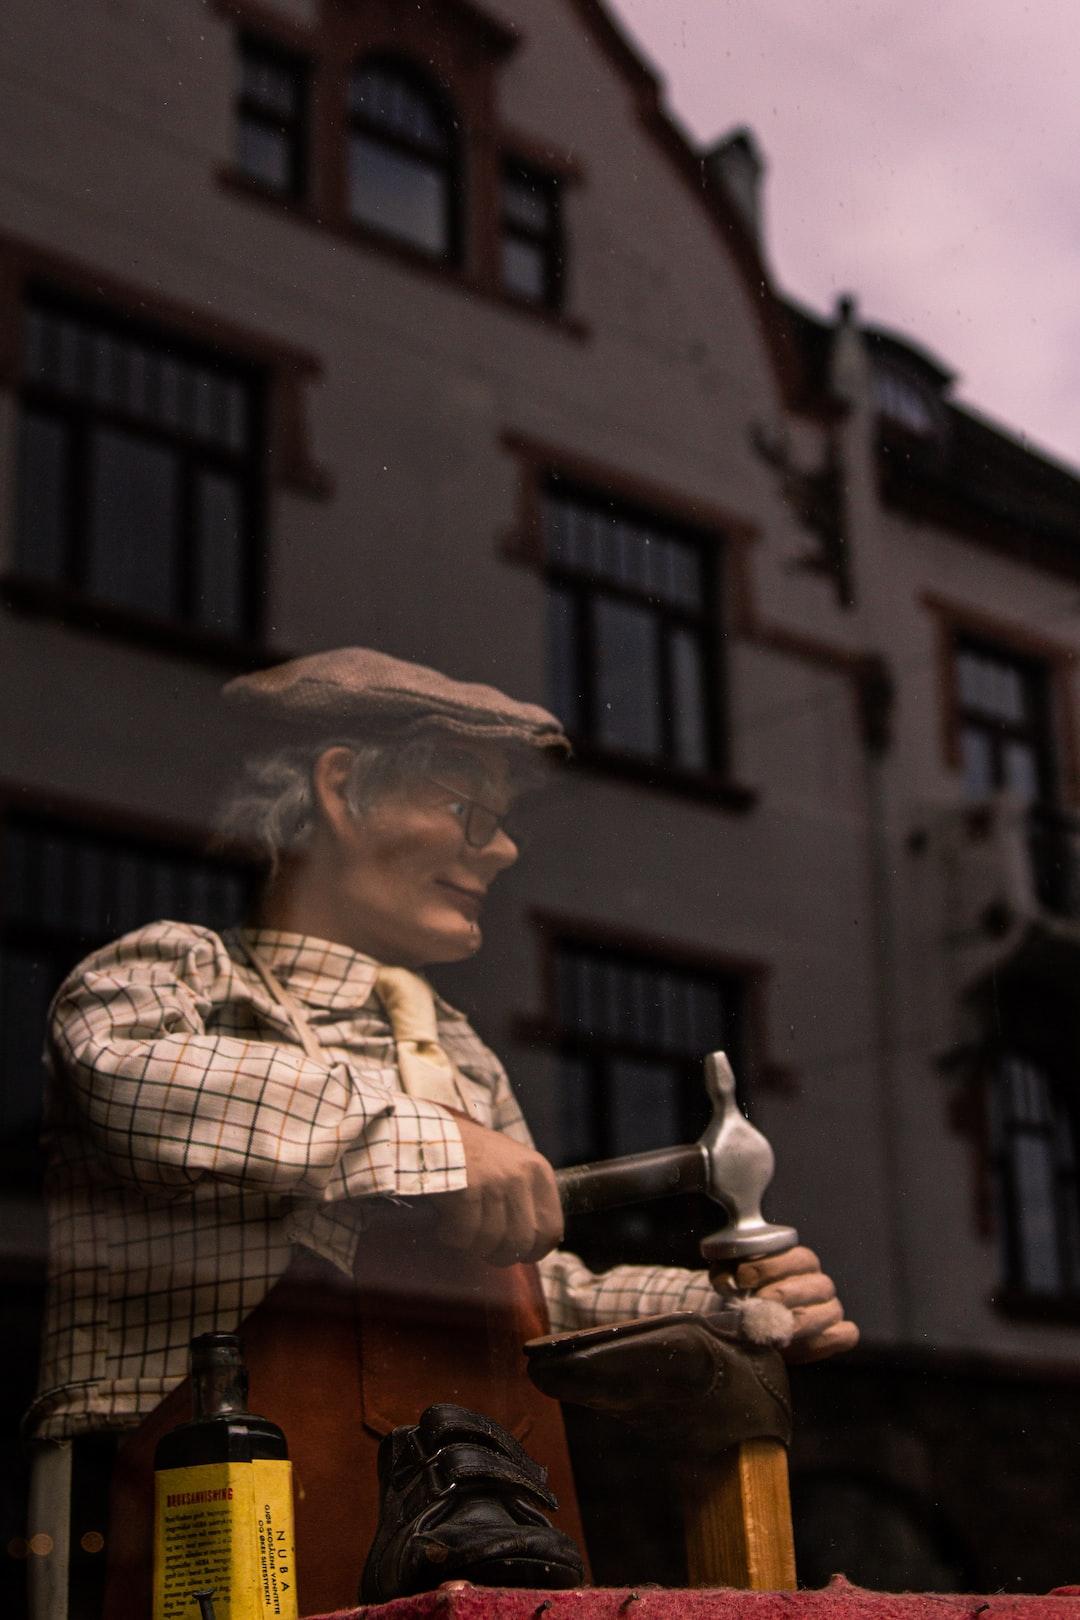 Shoemaker figure in a window